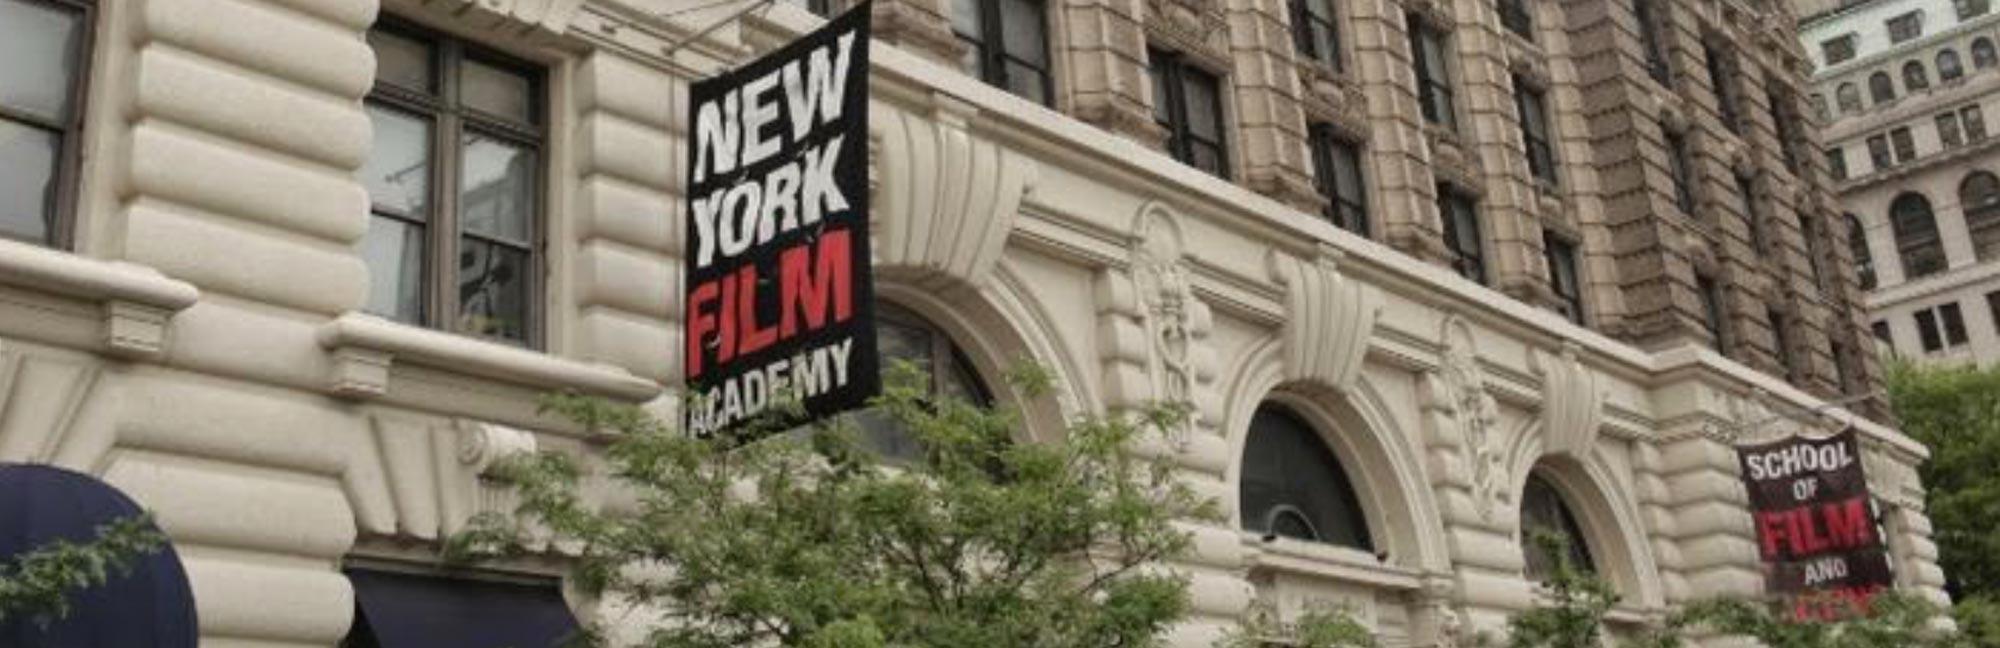 New York Film Academy Niche